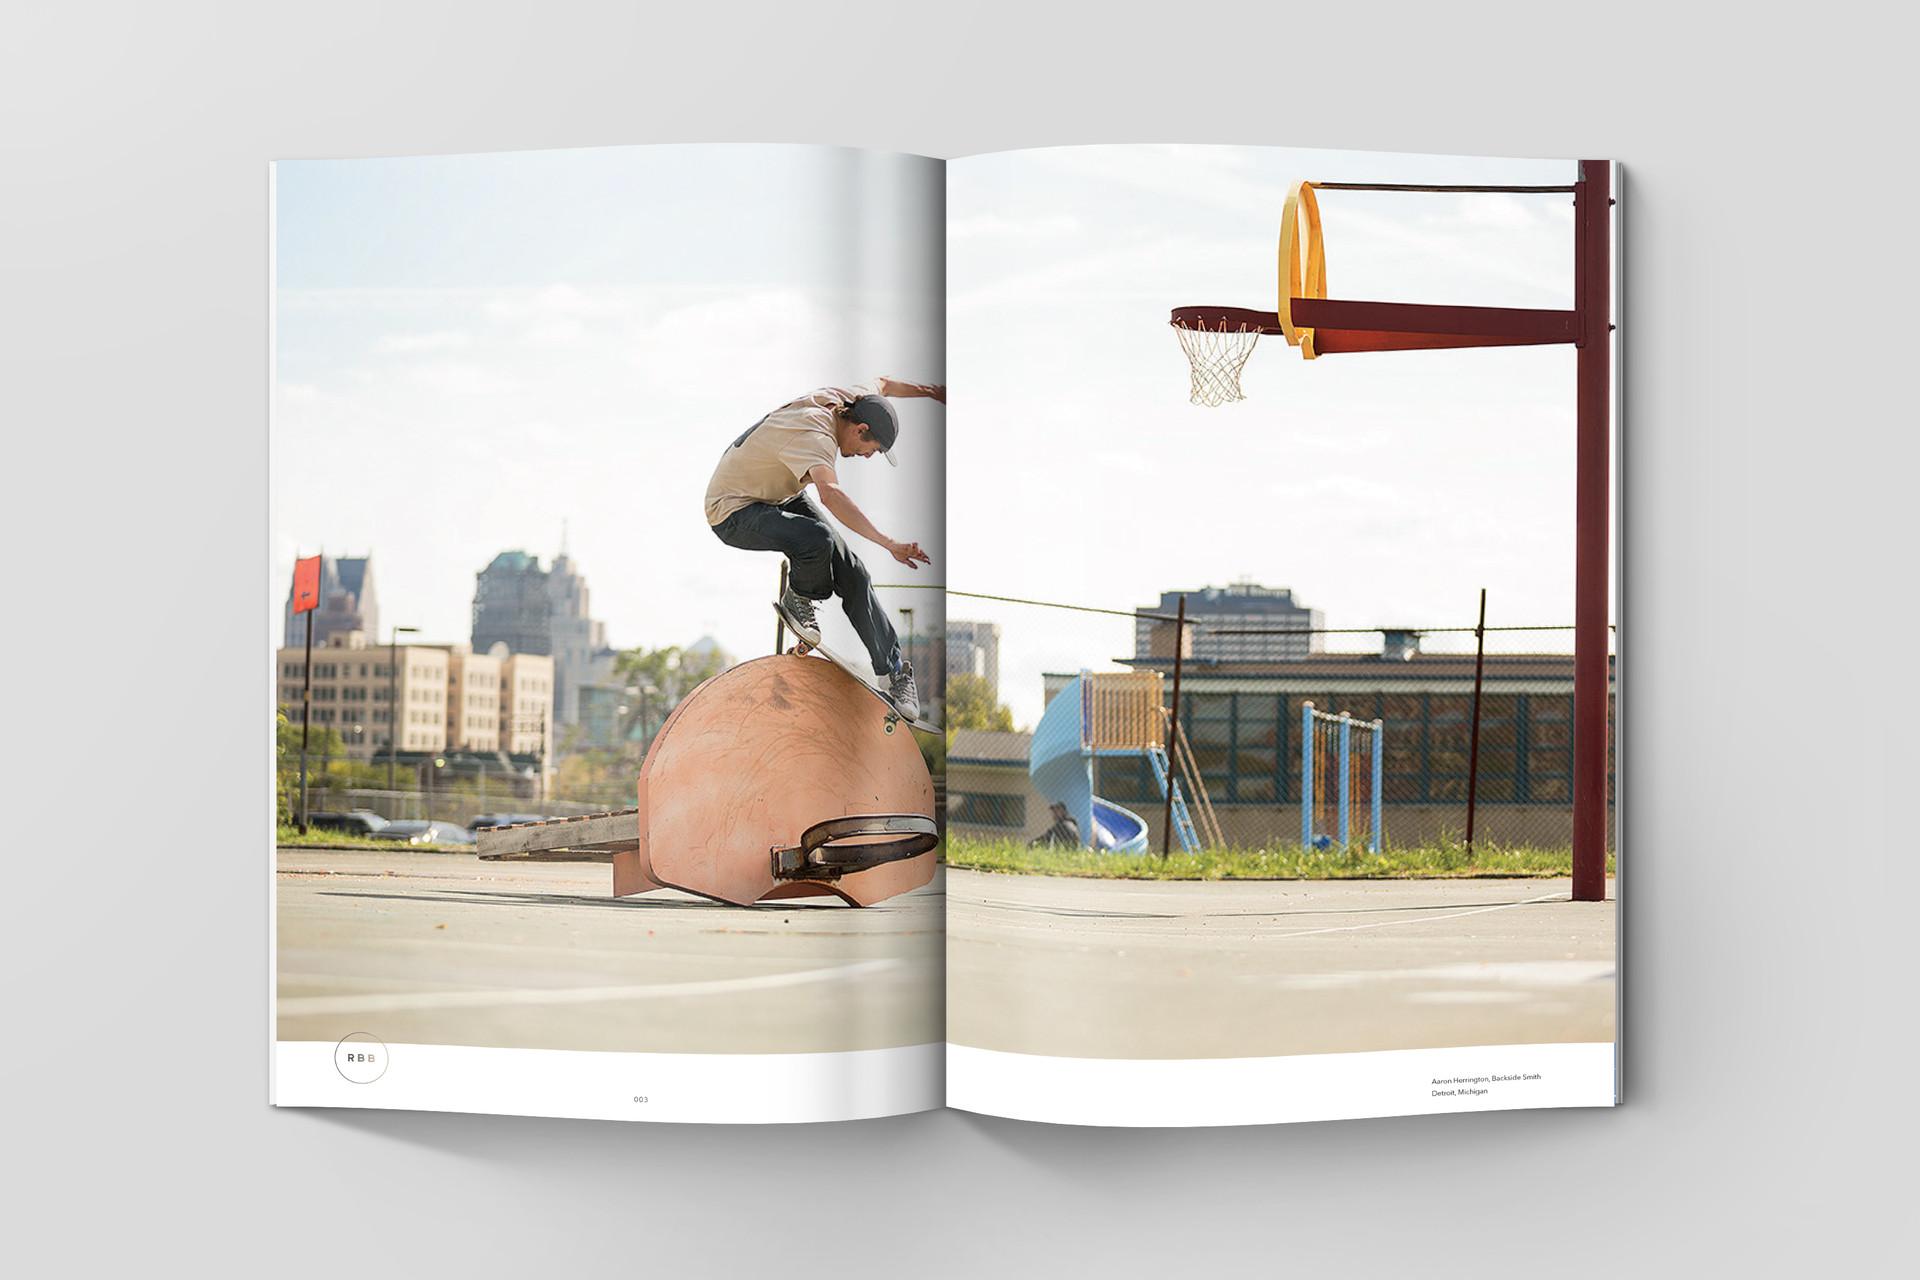 Skateboard mag – Wedge & Lever (CA)